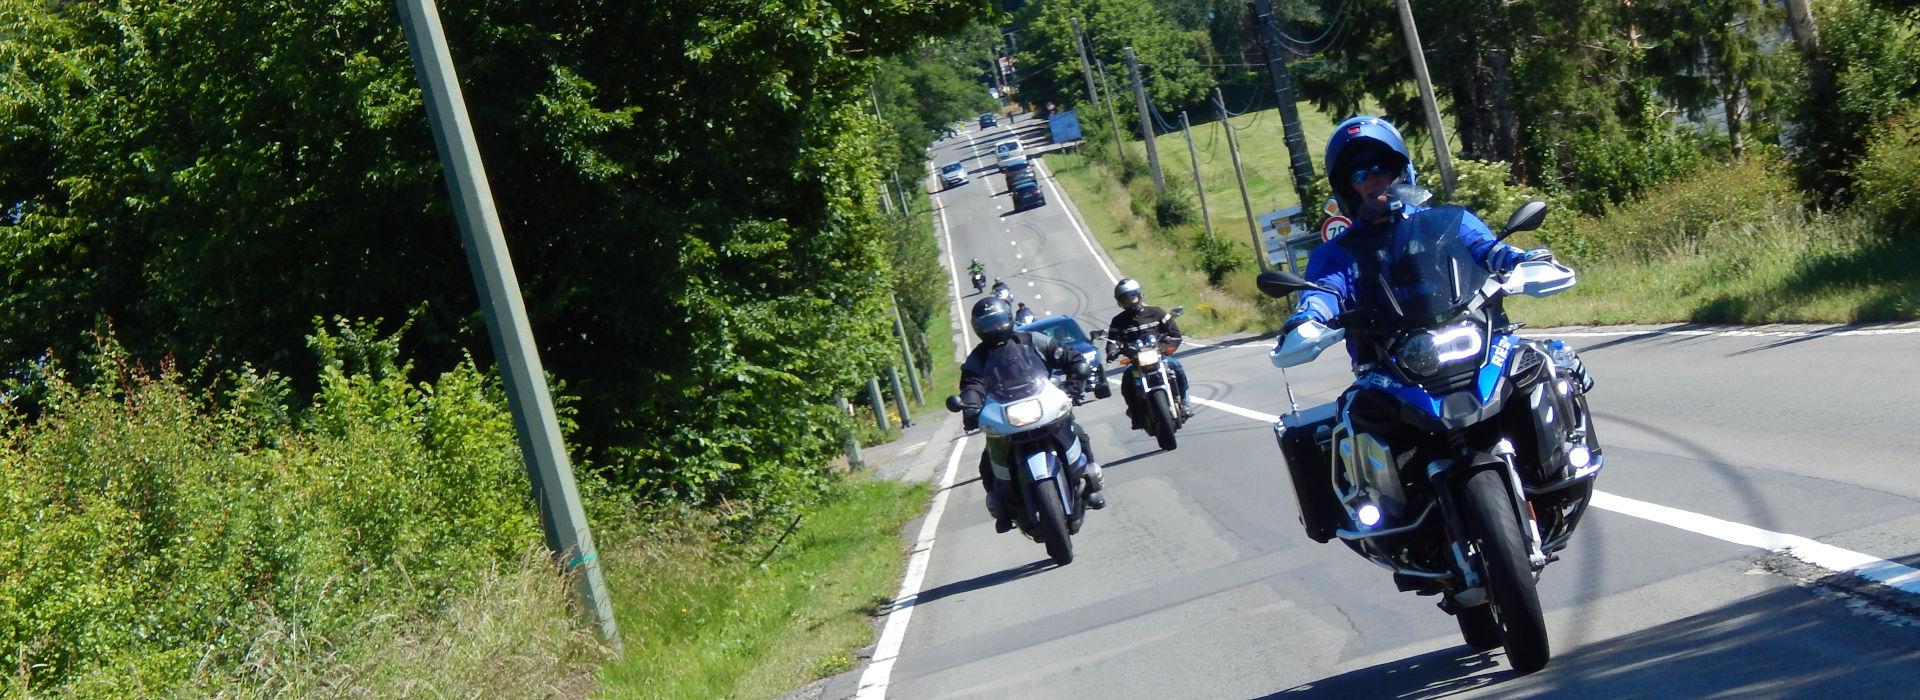 Motorrijbewijspoint Zwijndrecht motorrijcholen